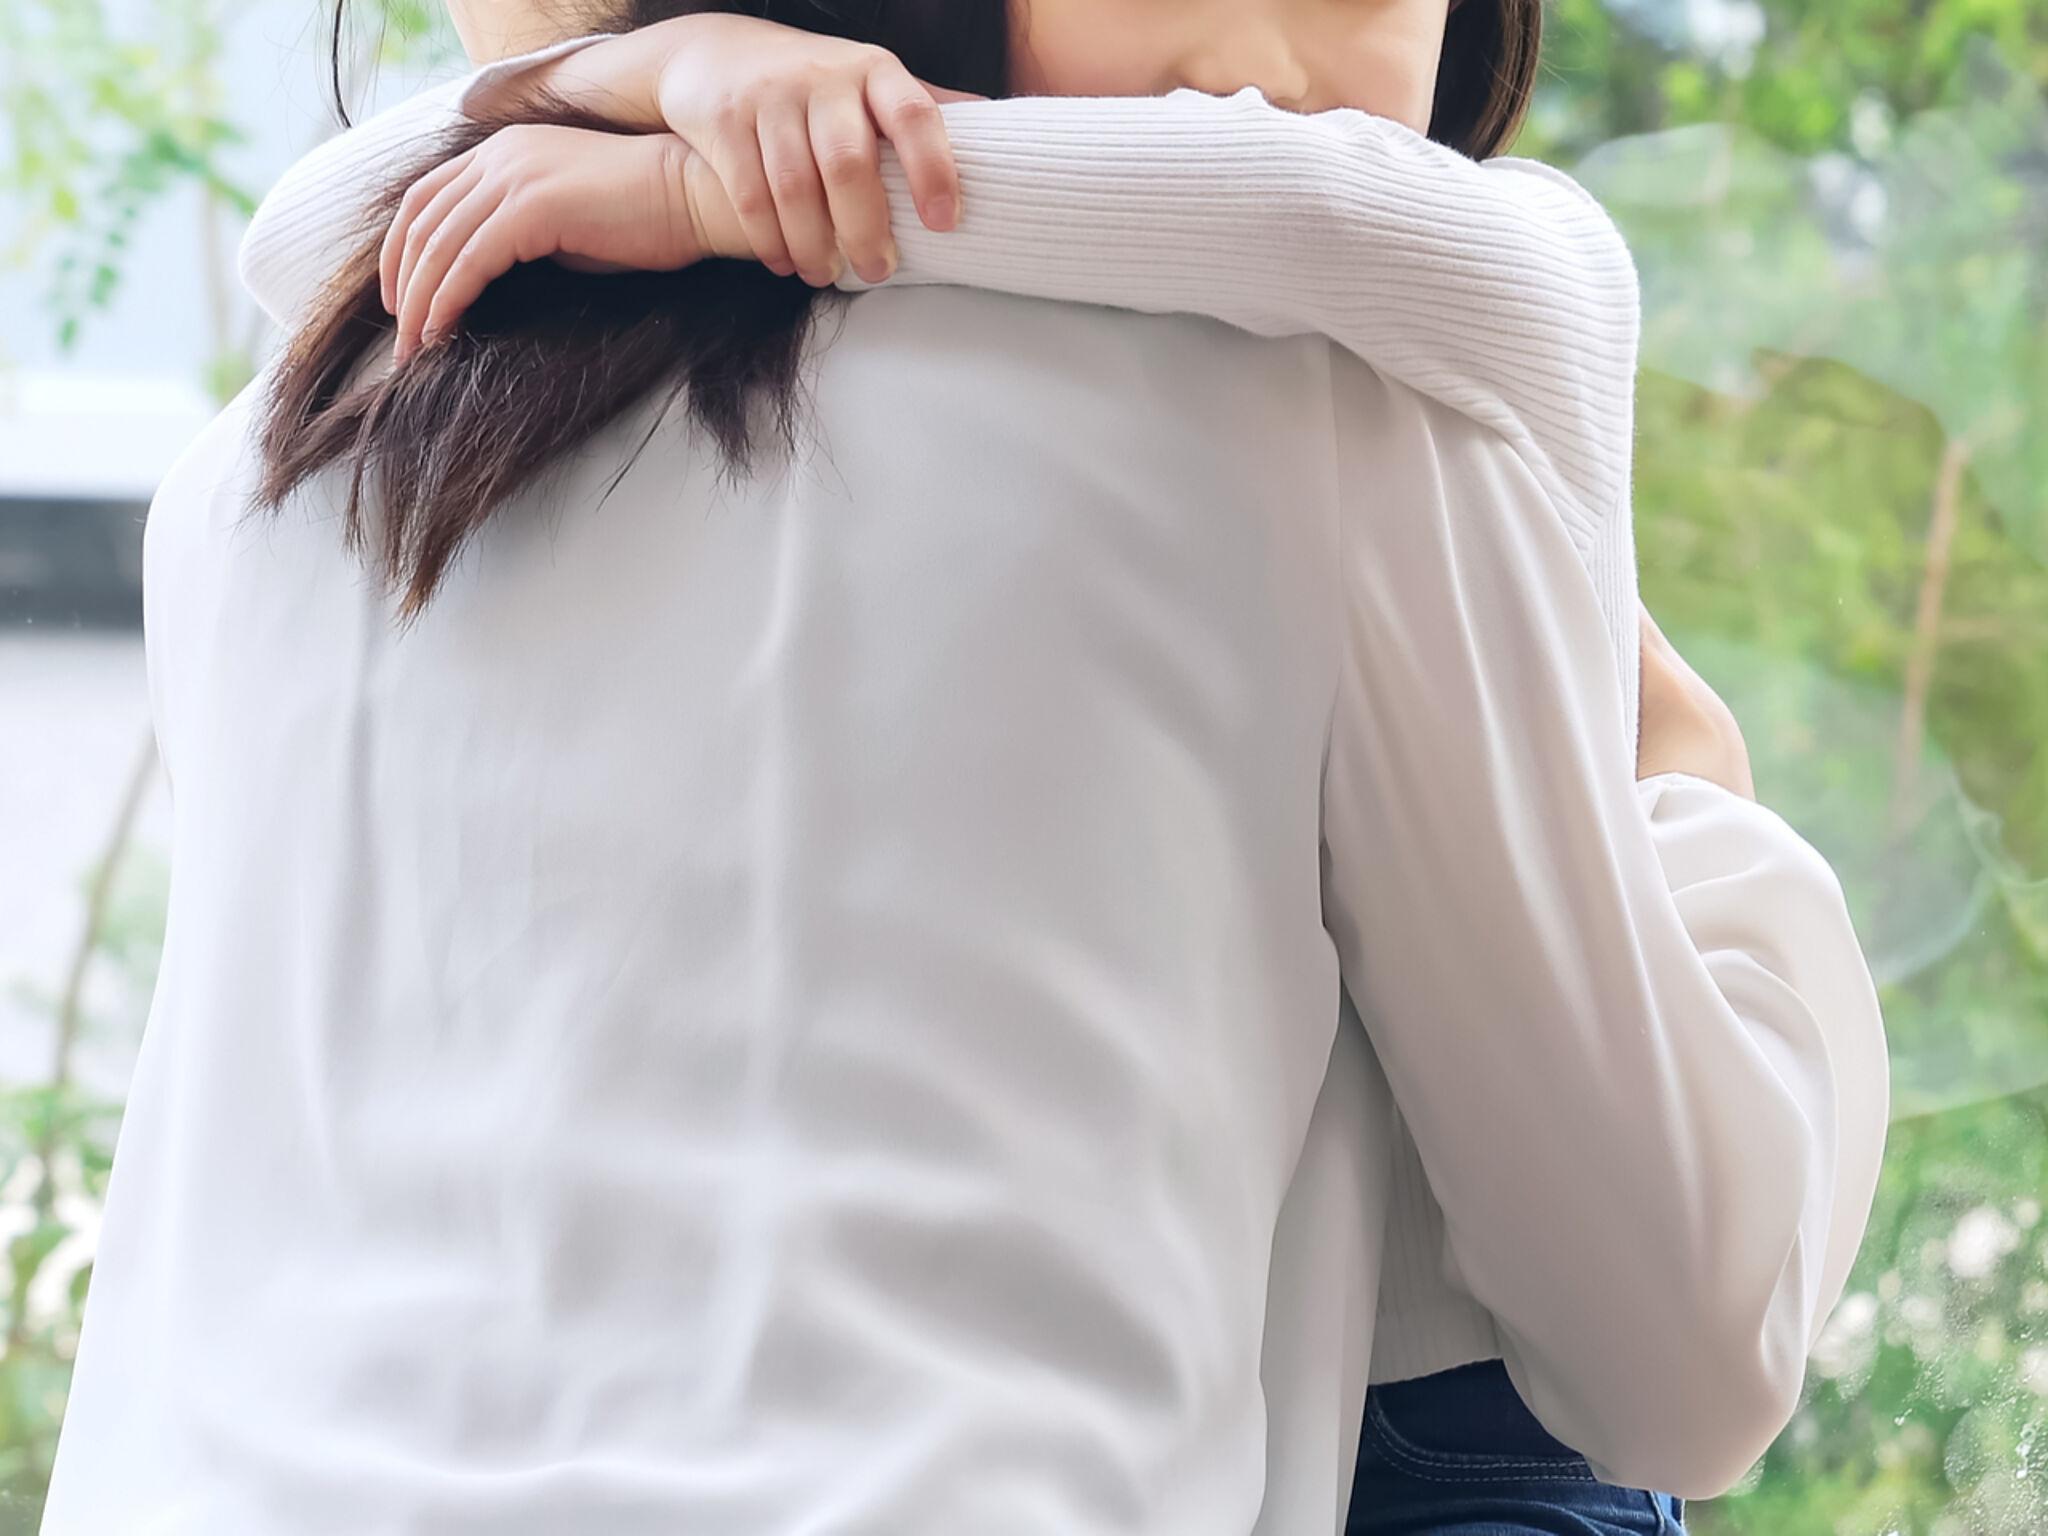 女の子が母親に抱きついている画像